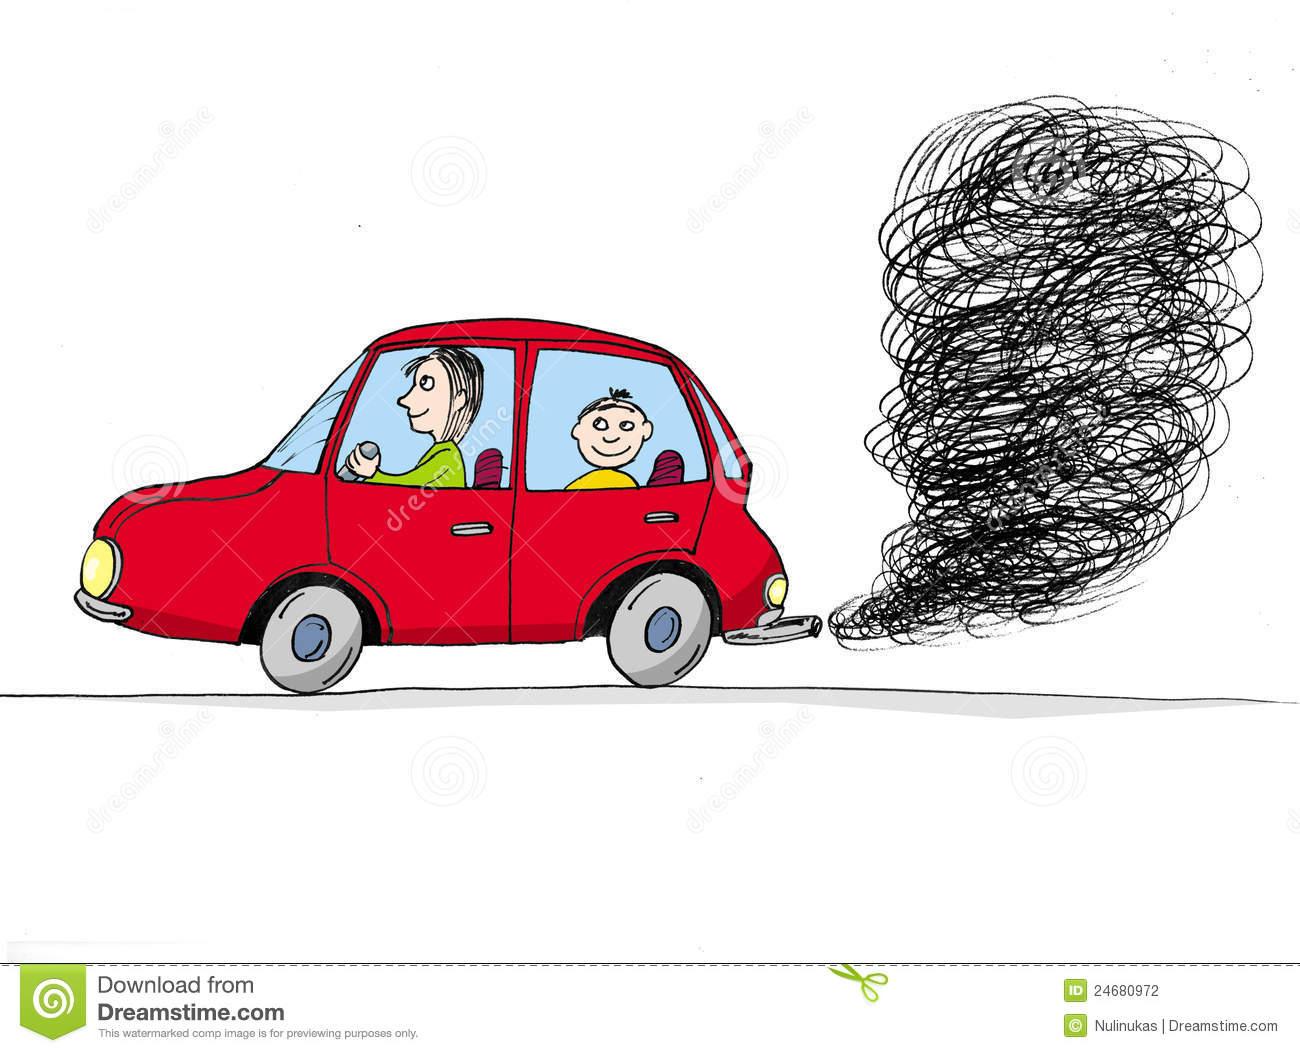 Pollution clipart auto #7